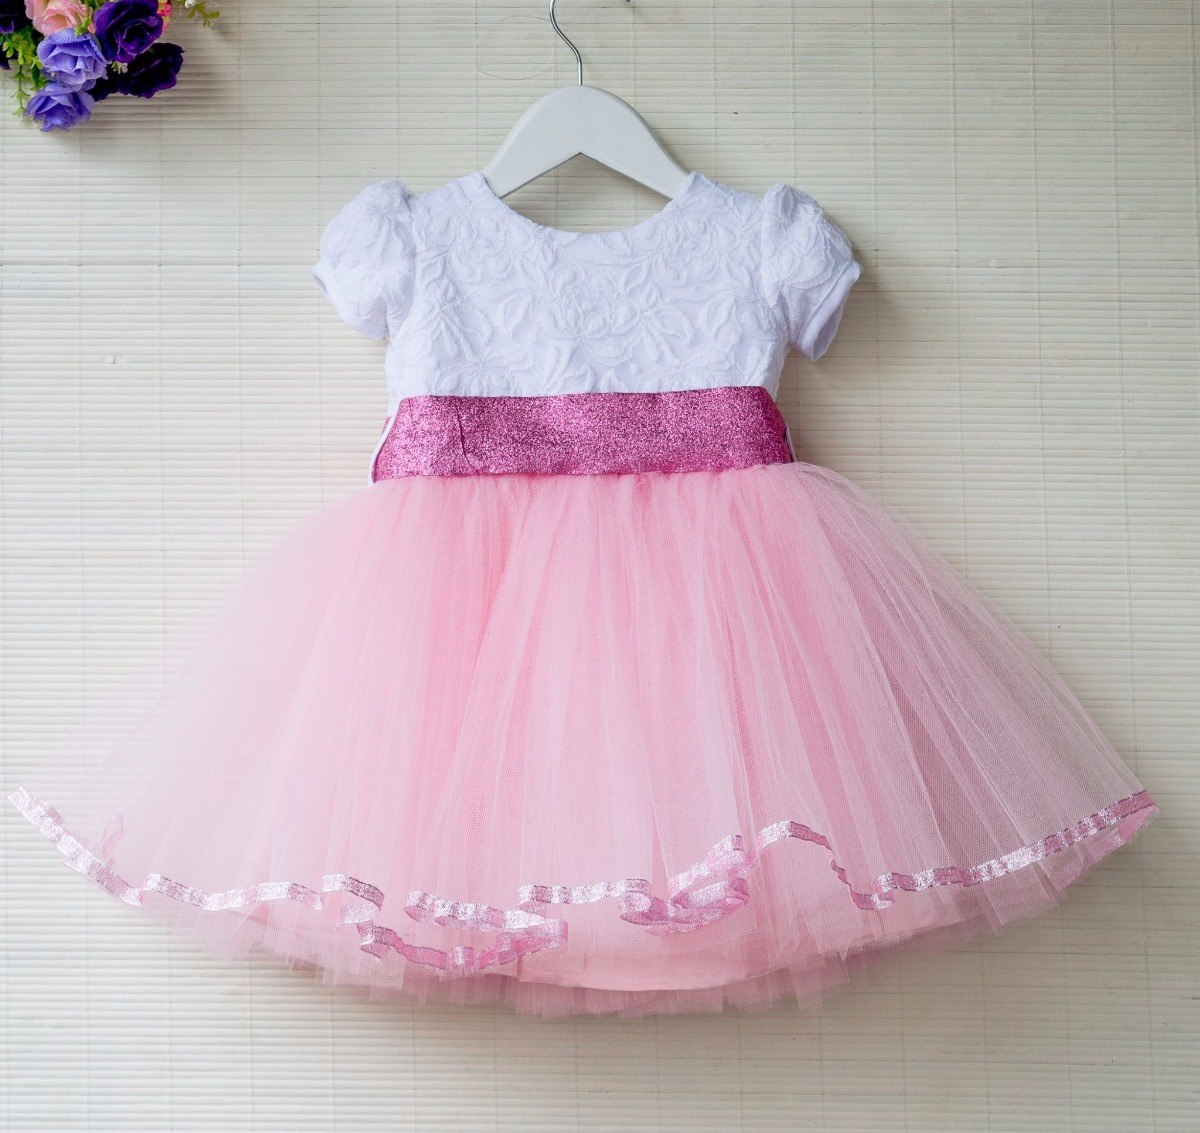 Increíble Bebé Trajes De Boda Inspiración - Colección de Vestidos de ...